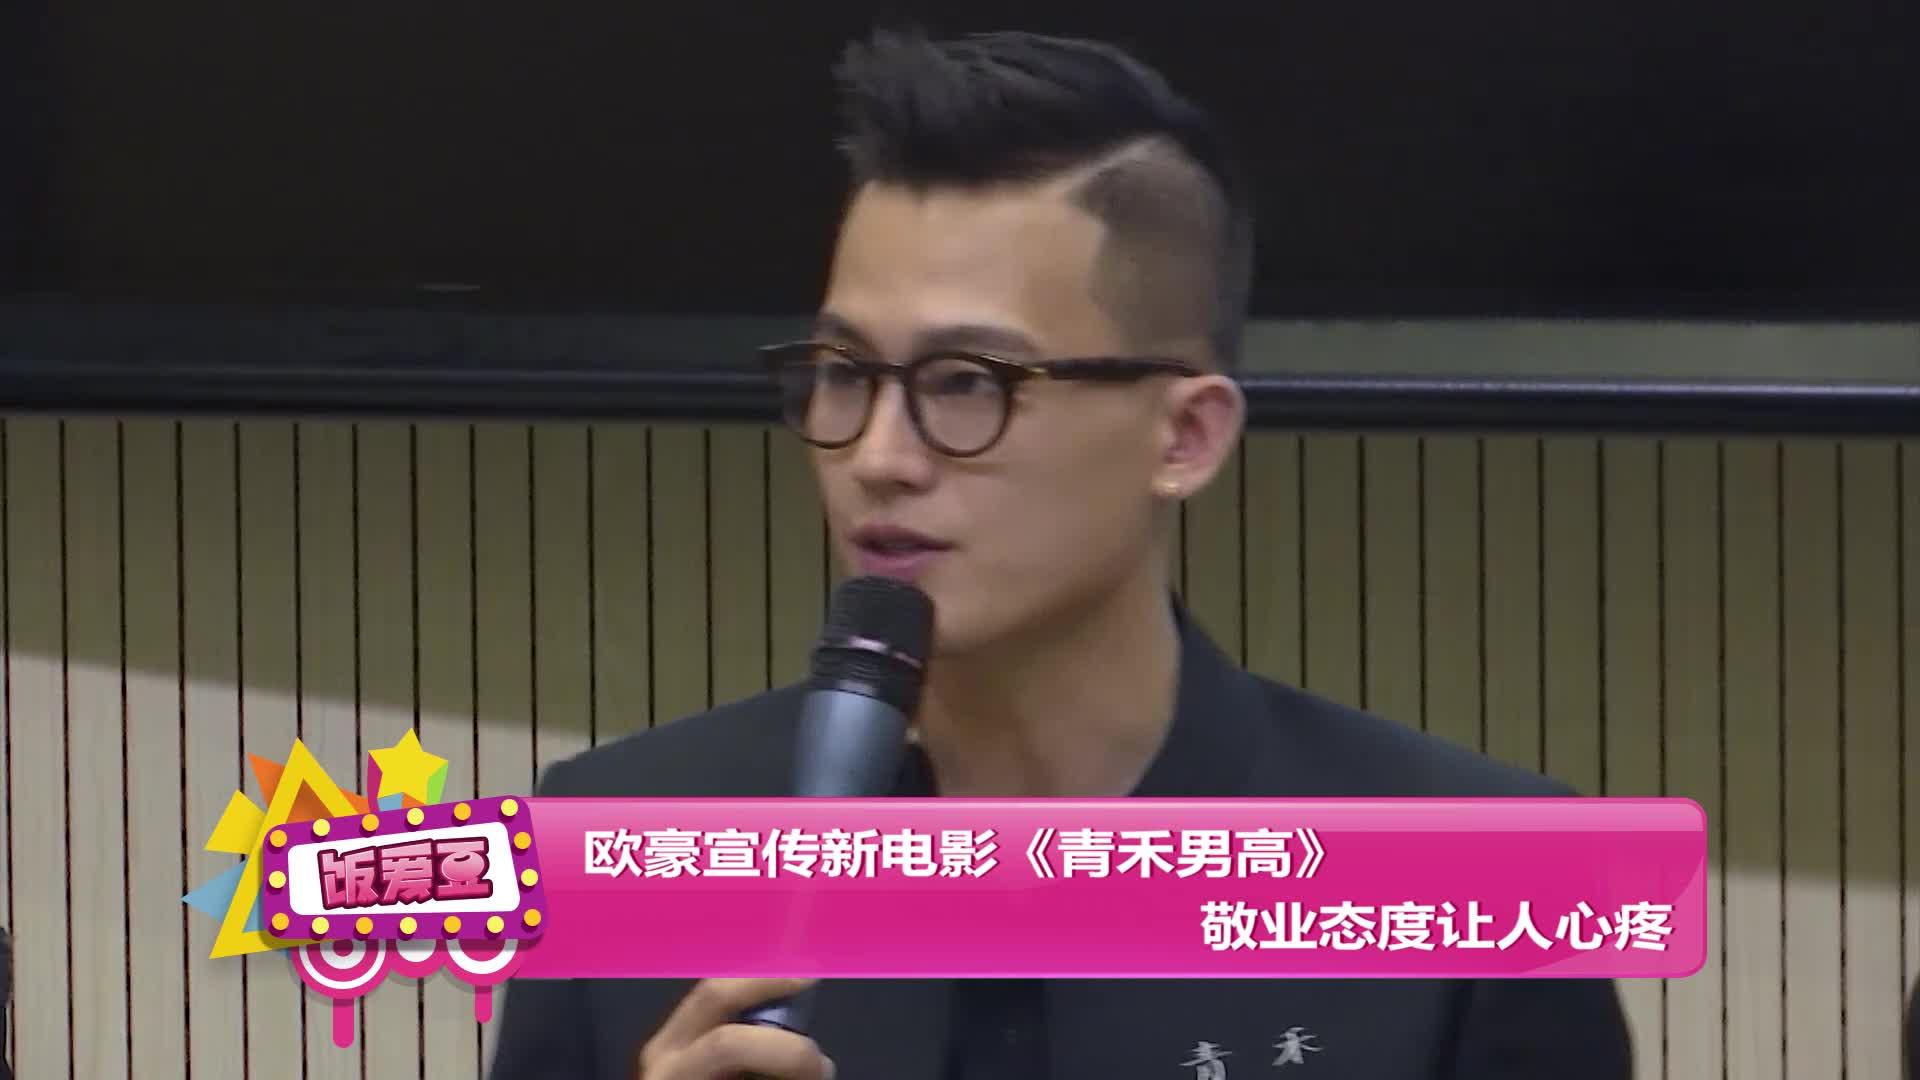 欧豪宣传新电影《青禾男高》 敬业态度让人心疼